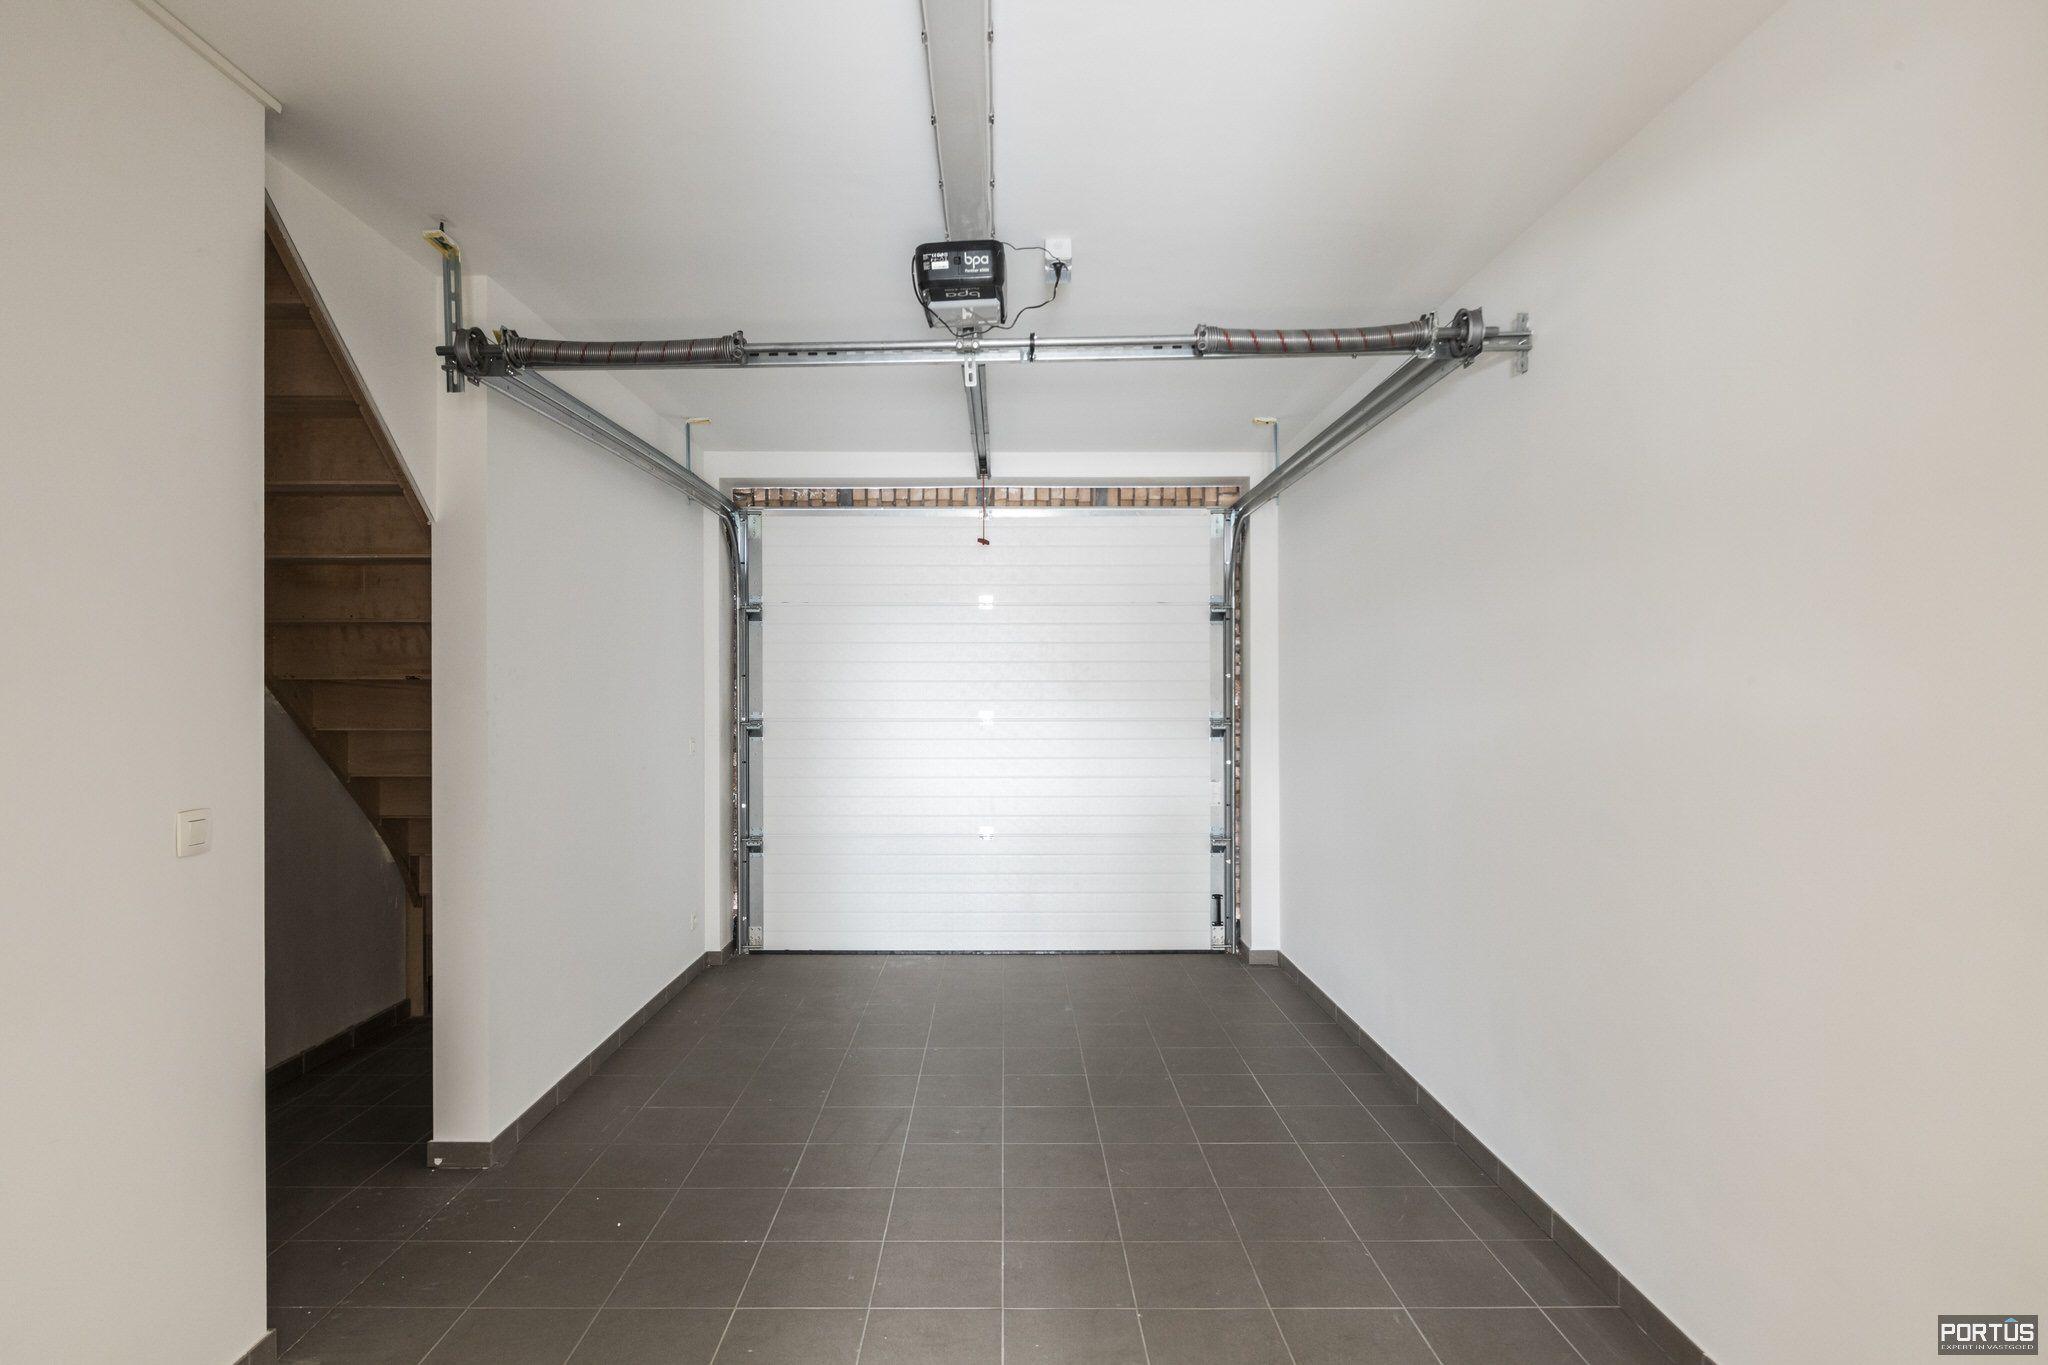 Nieuwbouwwoning met 4 slaapkamers te koop te Lombardsijde - 12147